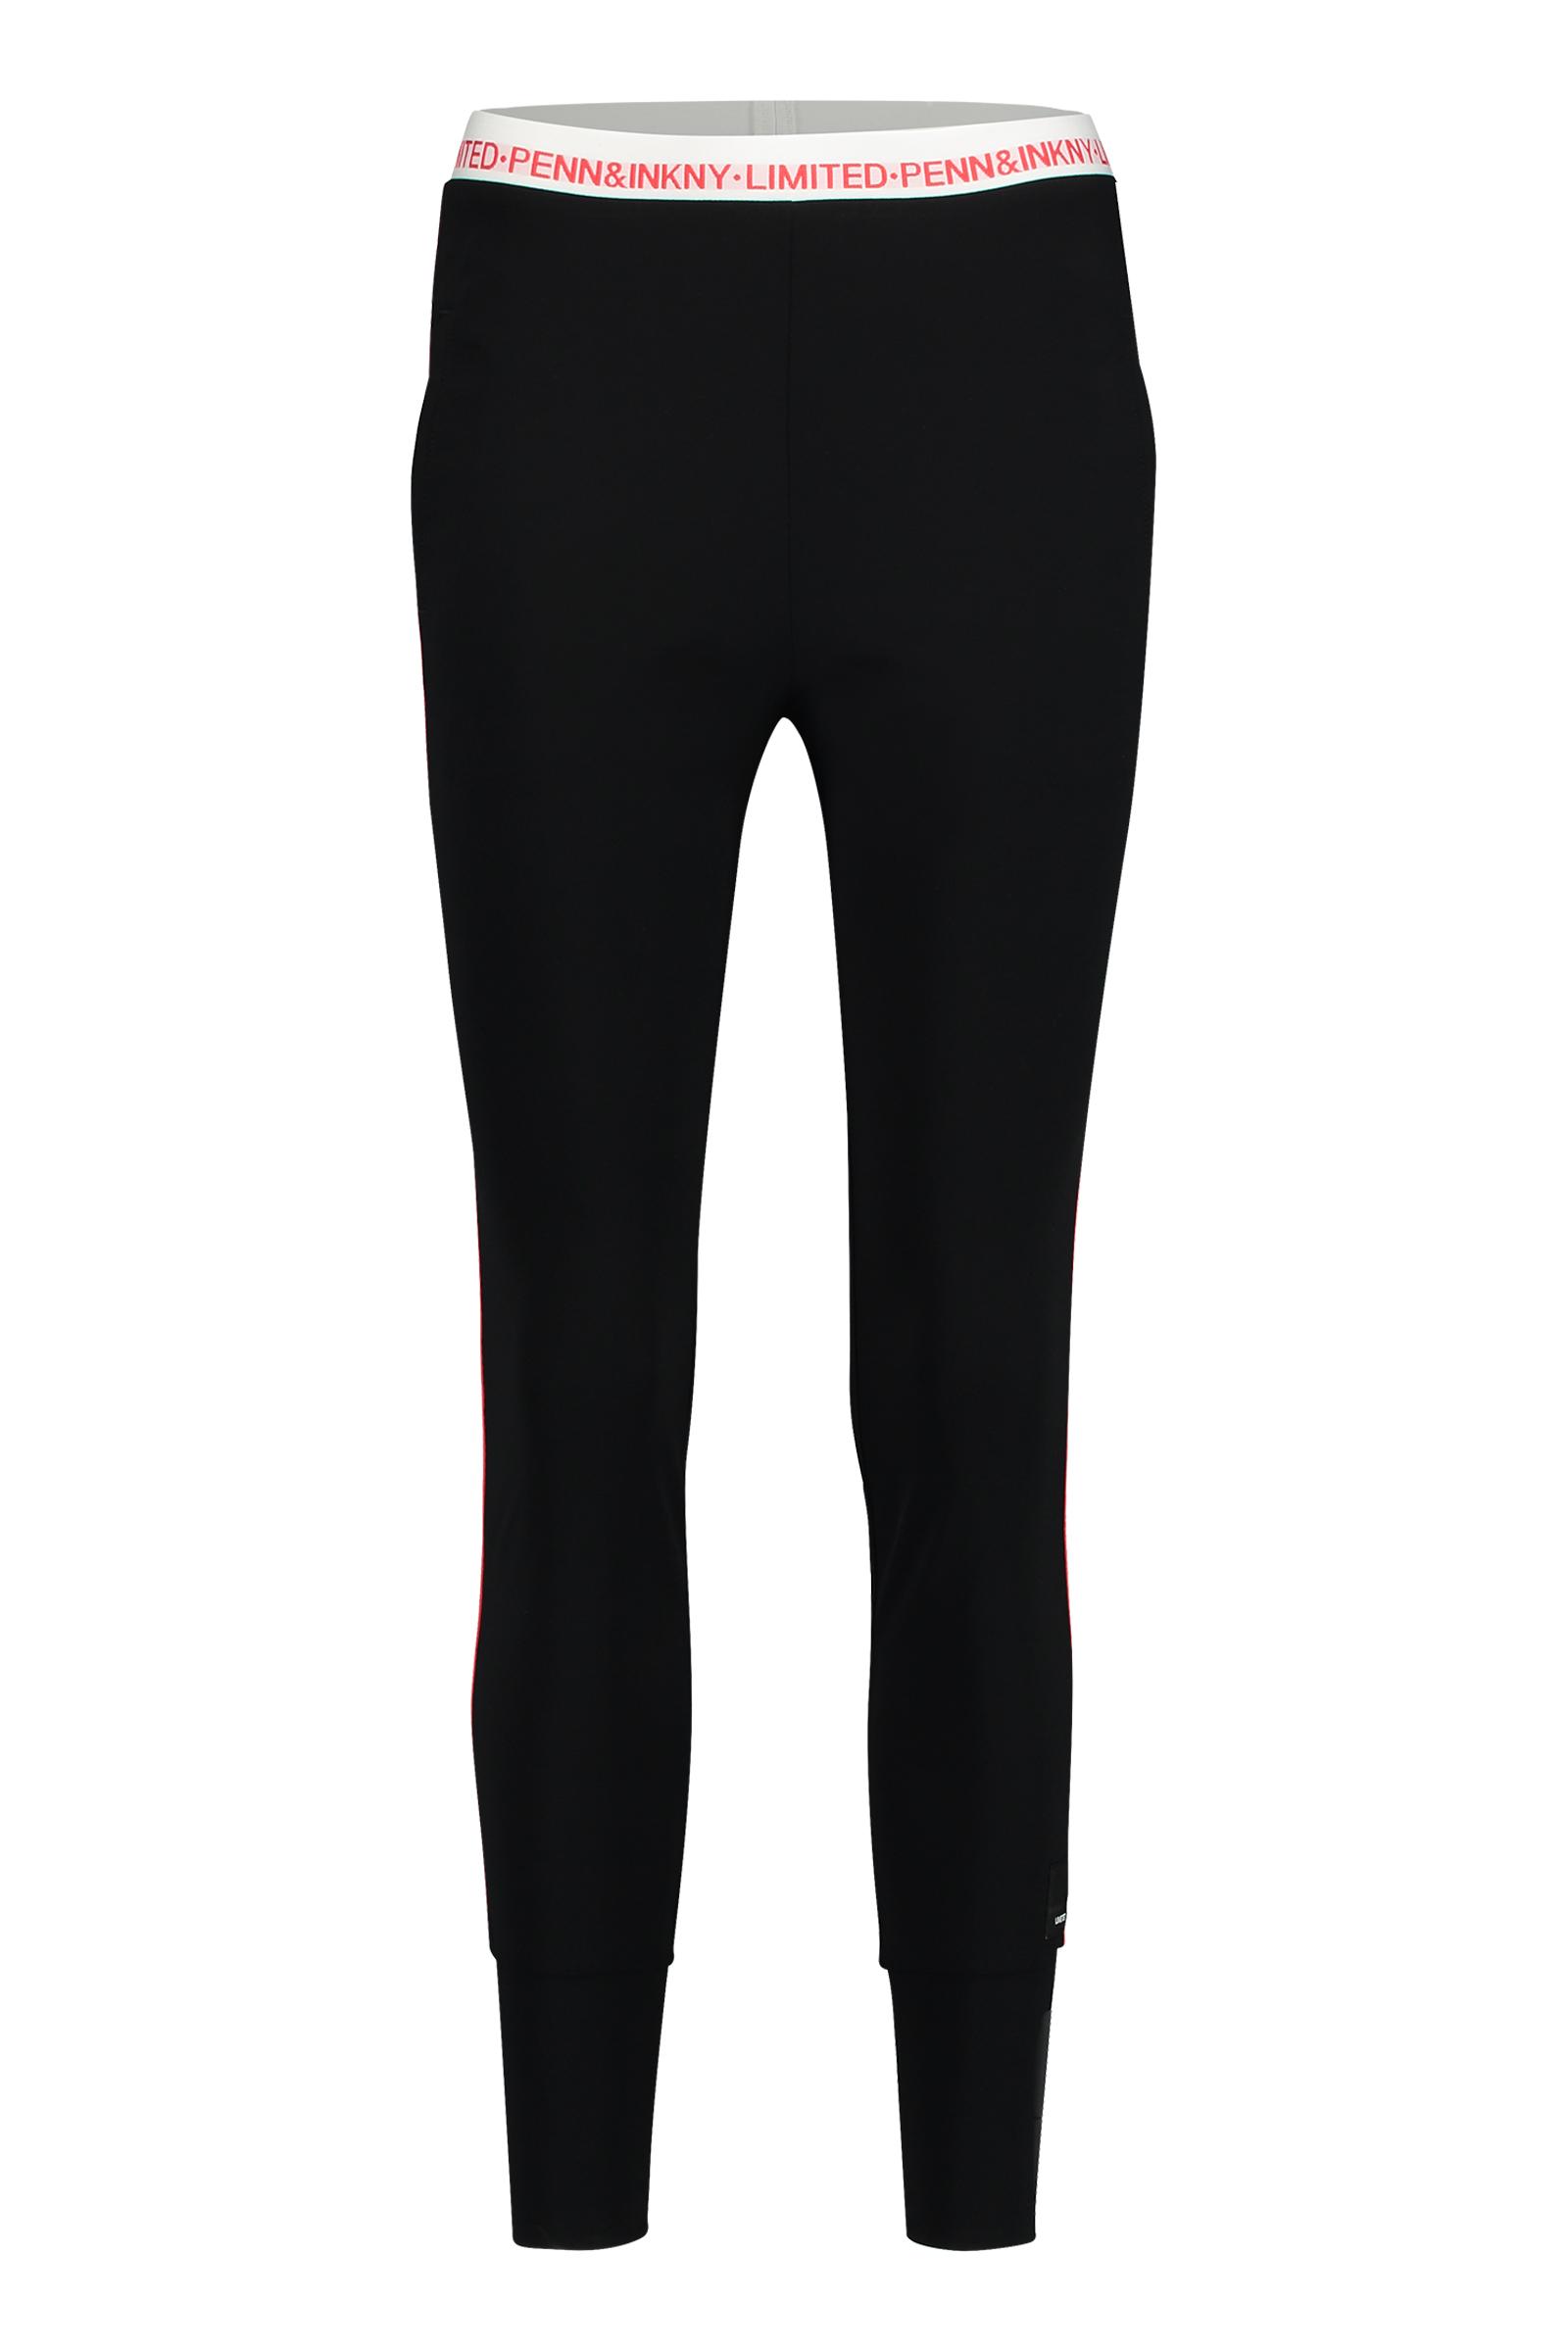 Donkerblauwe dames broek met streep detail zijkant Penn & Ink - S18N276LTD